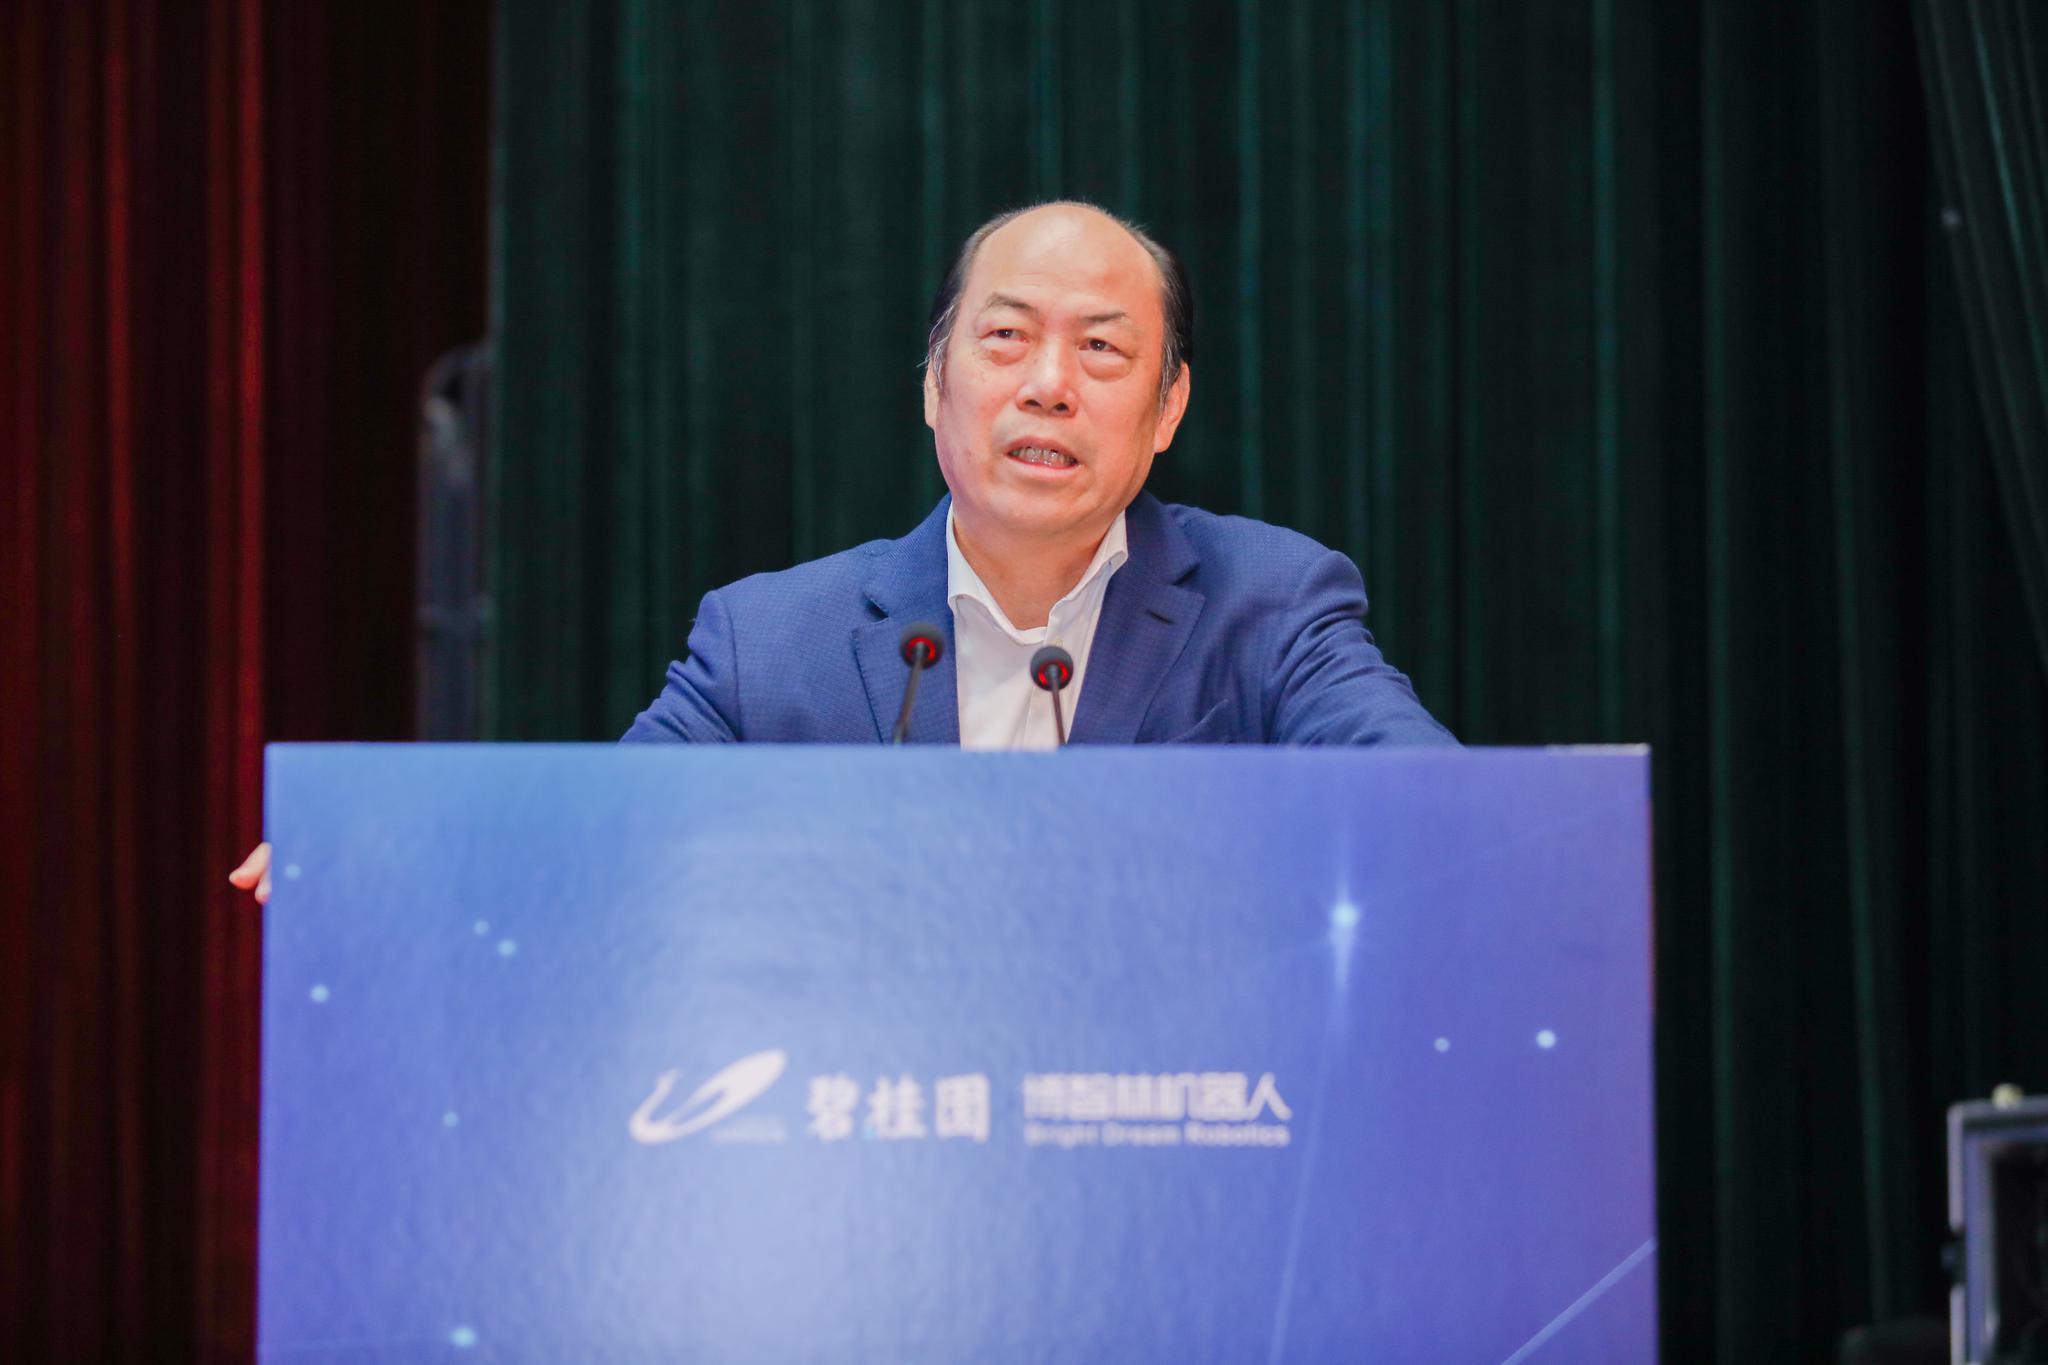 明升客户端二维码 - 北京拟取消建设用地规划许可证